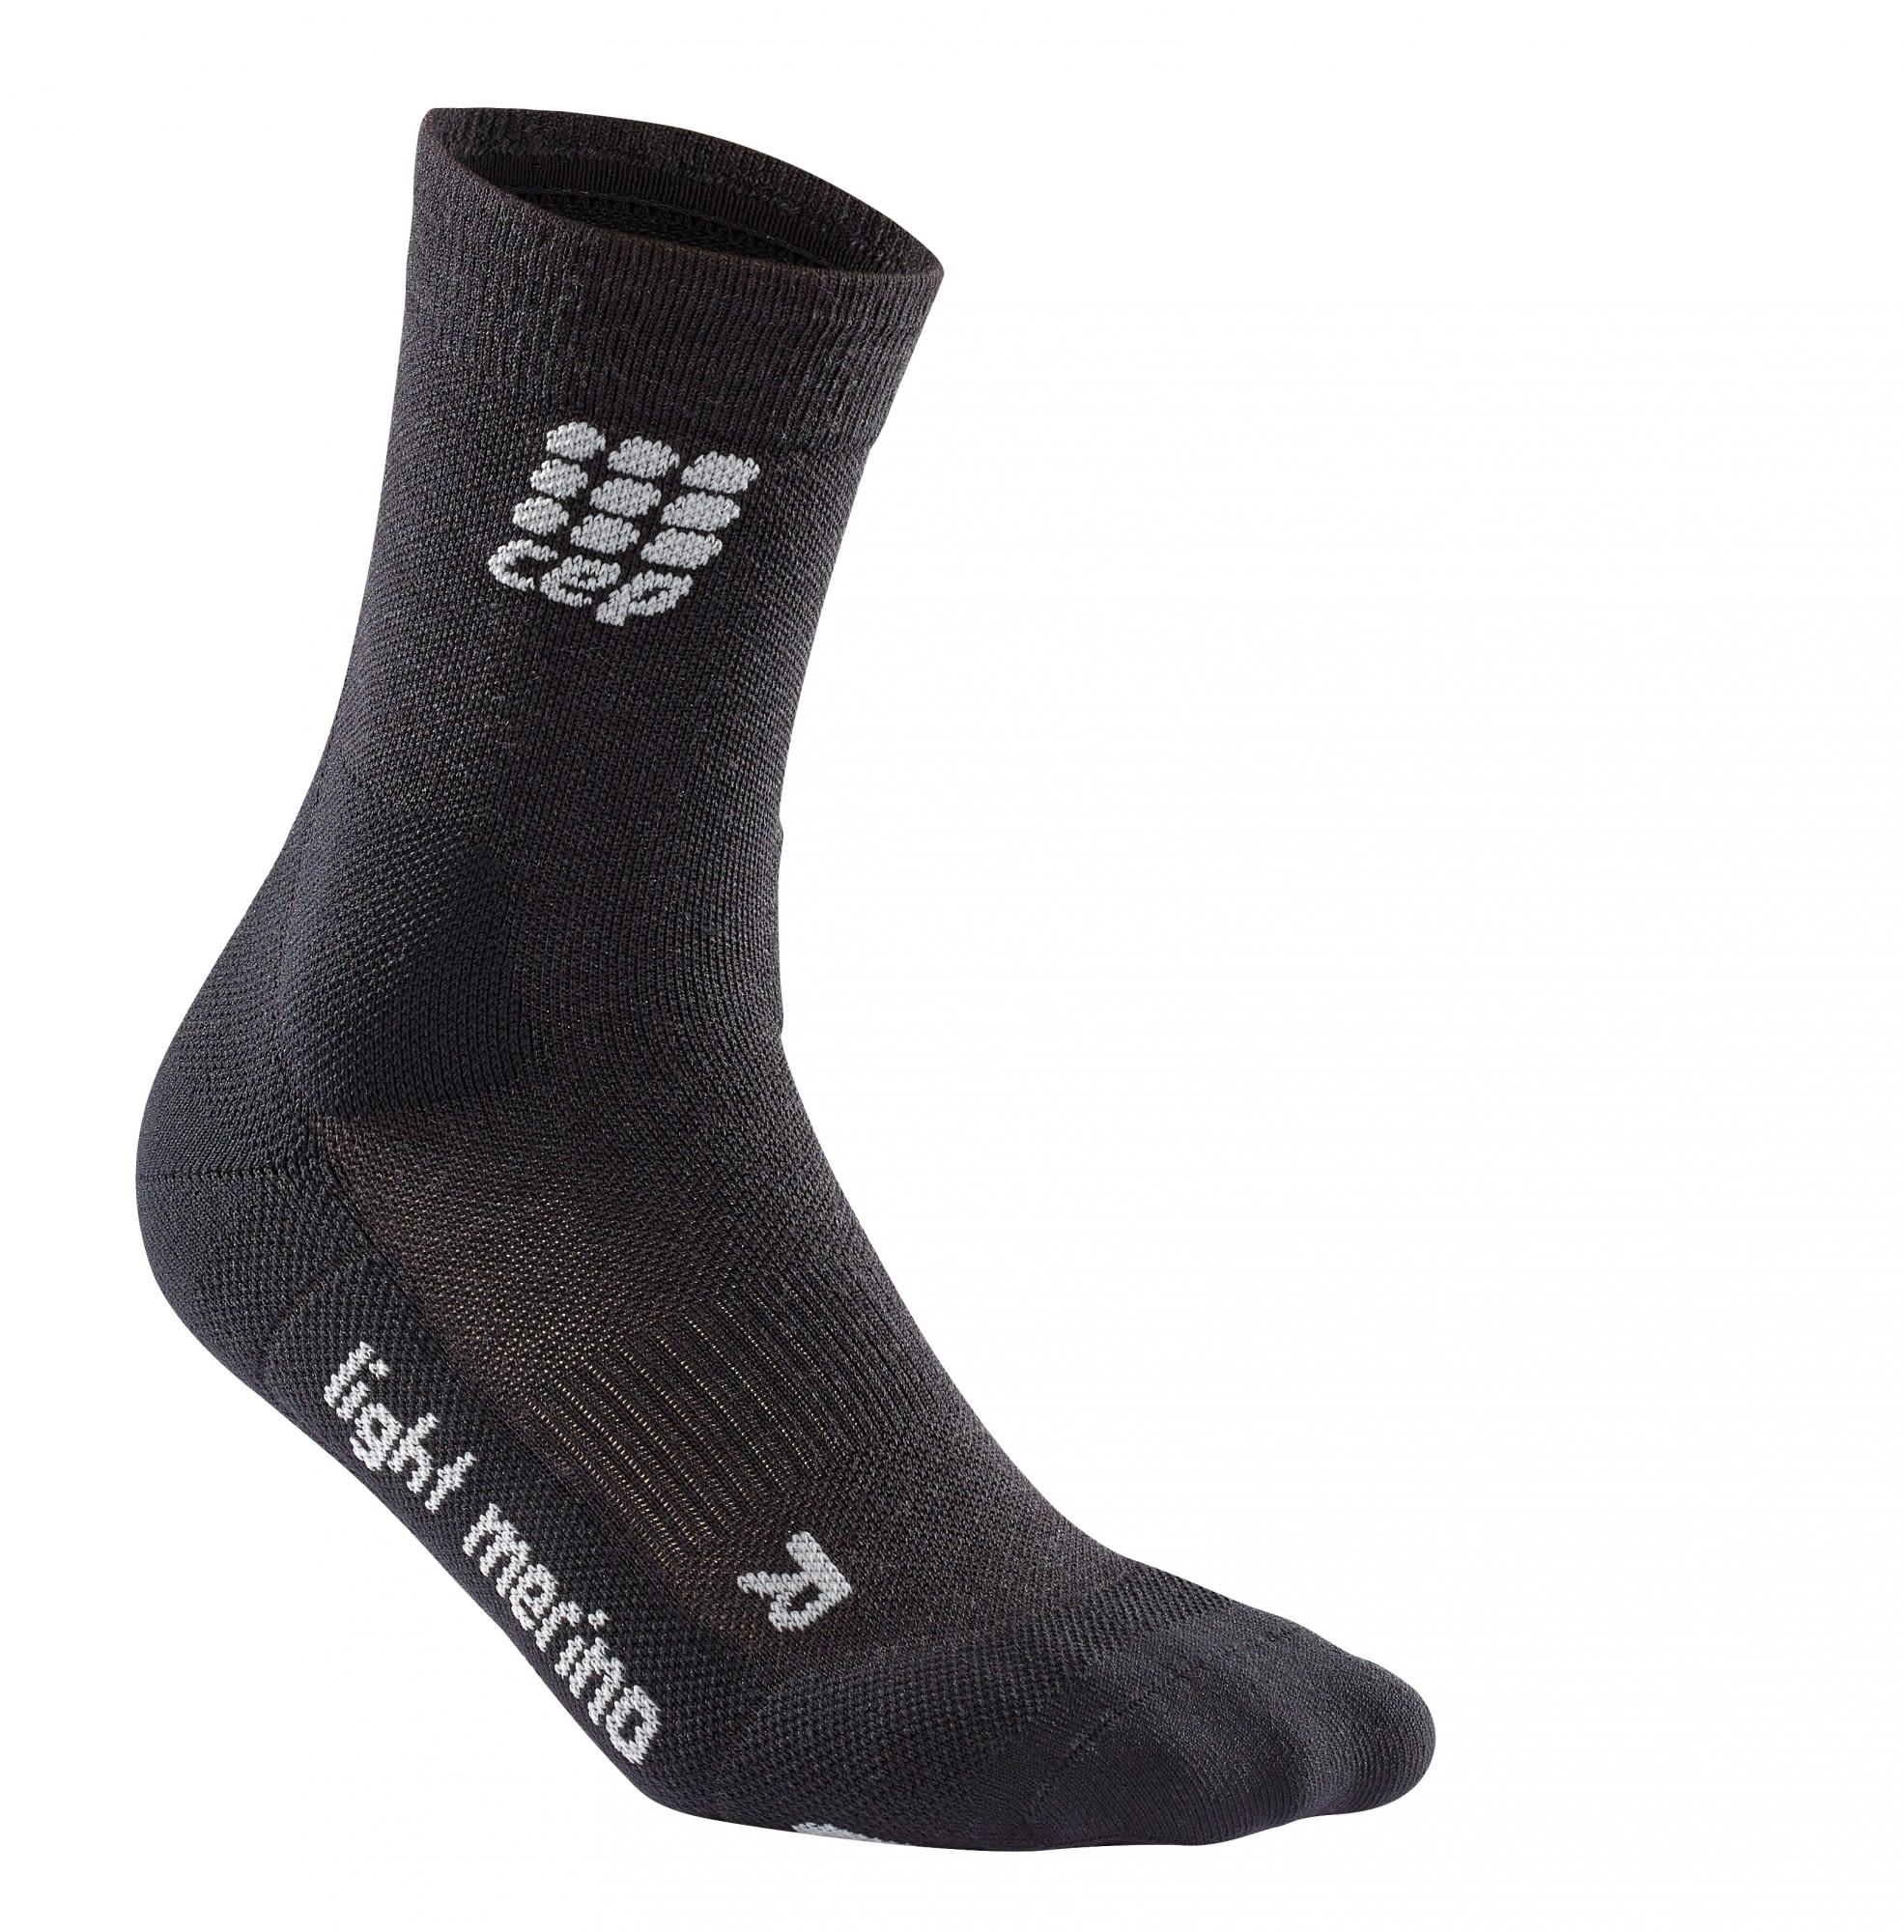 CEP Outdoor Light Merino Mid CUT Socks Braun, Male Merino Laufsocken, V